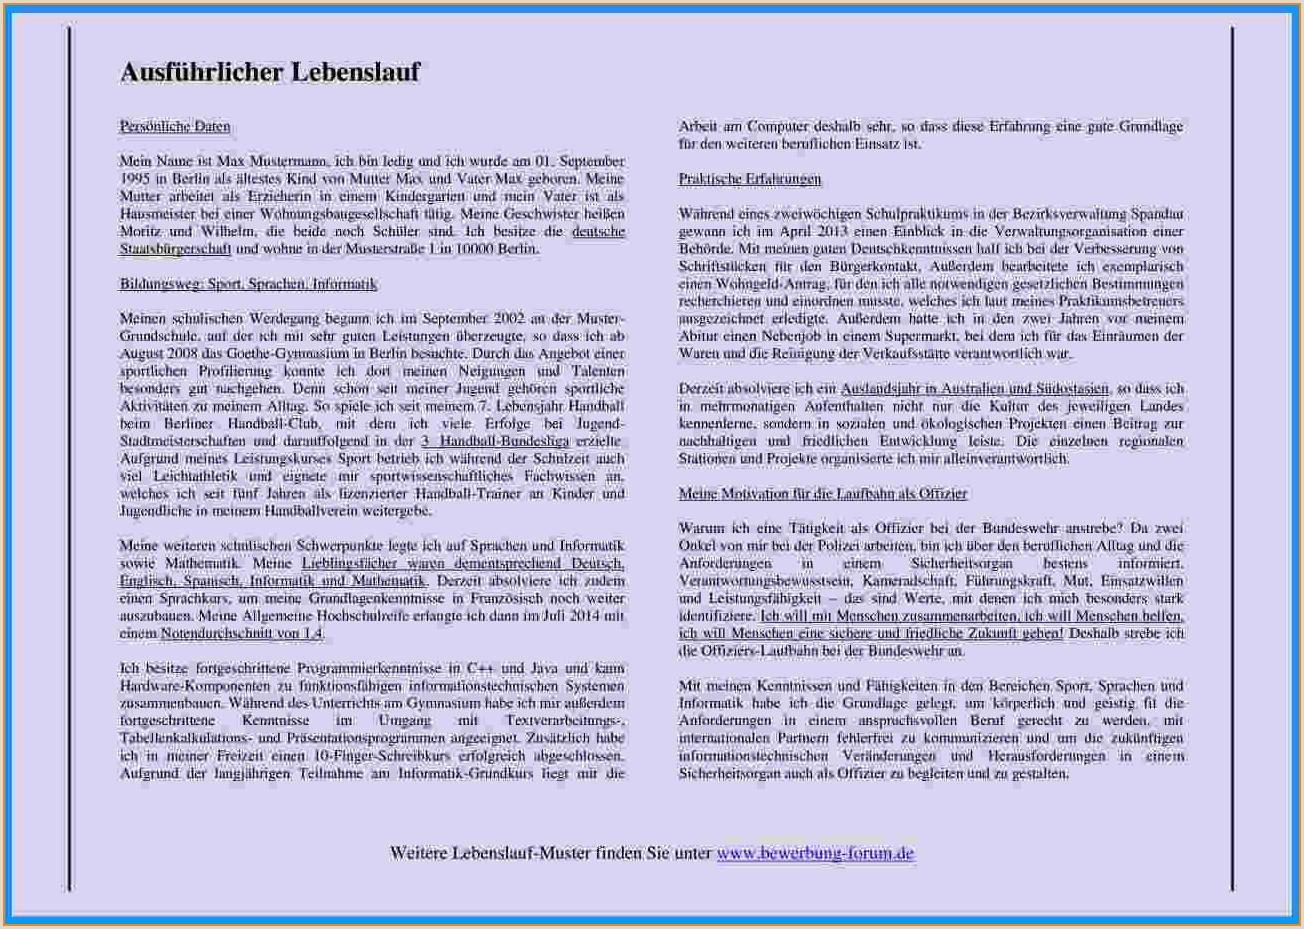 Lebenslauf Luxemburg Muster Plakat Gestalten Unterricht Best Standardbrief Vorlage Neu